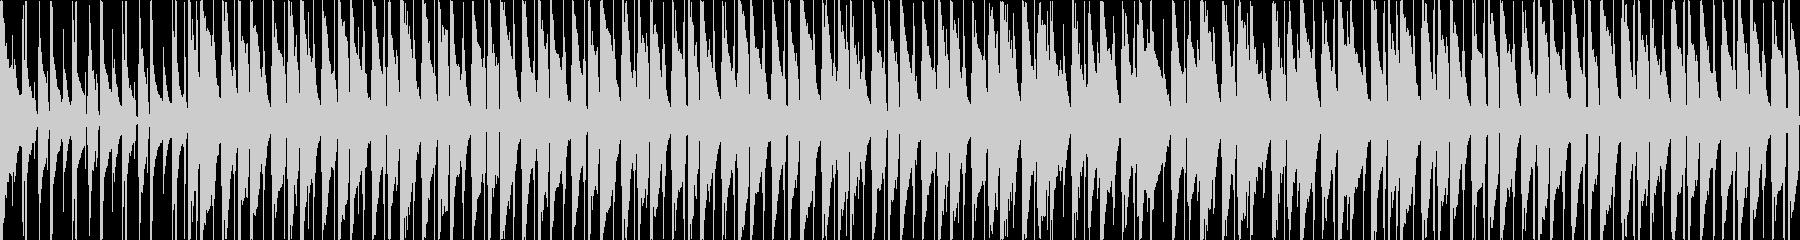 【ループ版】ウクレレとグロッケンの軽快での未再生の波形